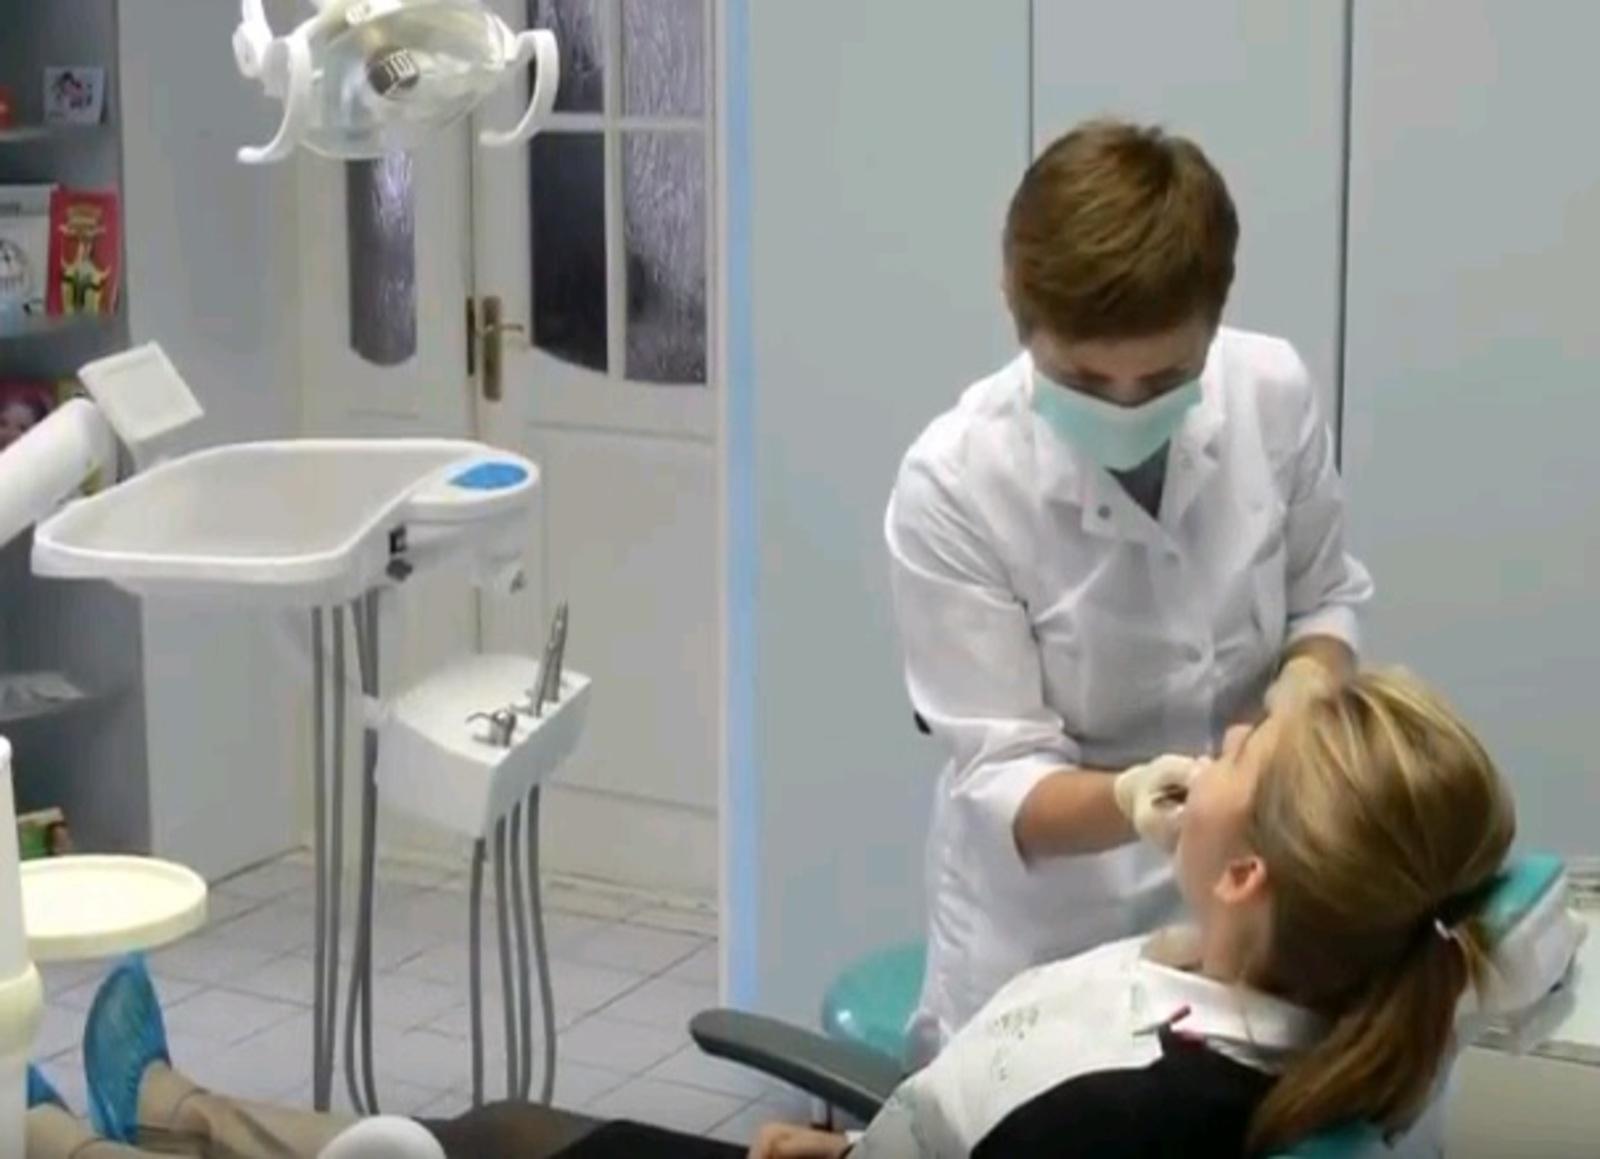 Над вопросом об удалении зуба задумываются, как правило, в критических ситуациях